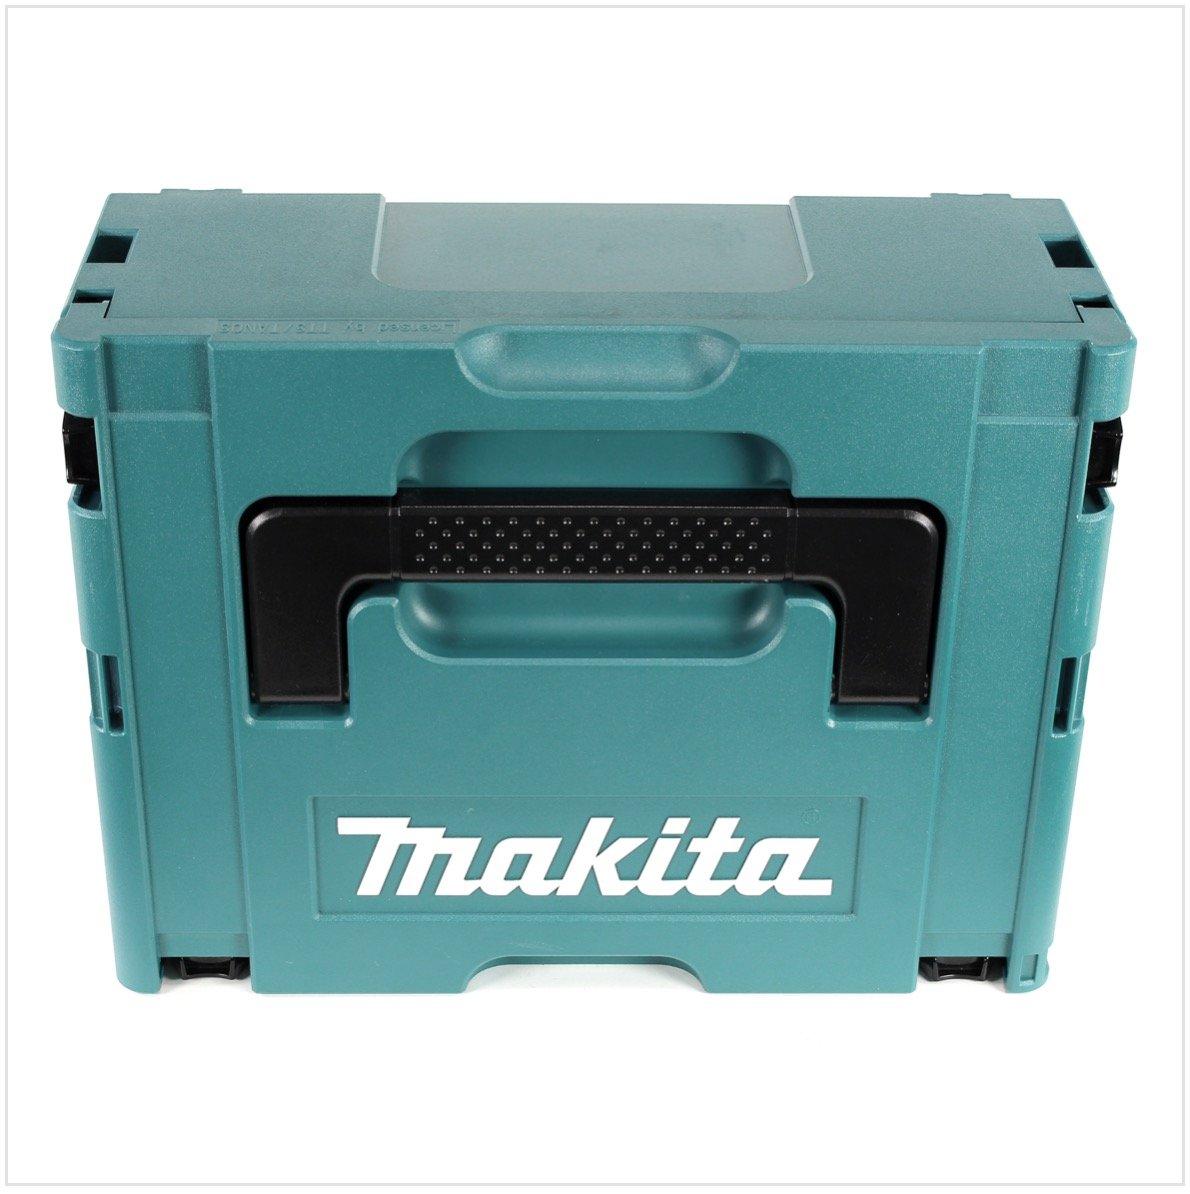 Makita-MAKPAC-3-Systemkoffer-mit-Universaleinlage-fr-Makita-18-V-Akku-Gerte-Schrauber-Sgen-Schleifer